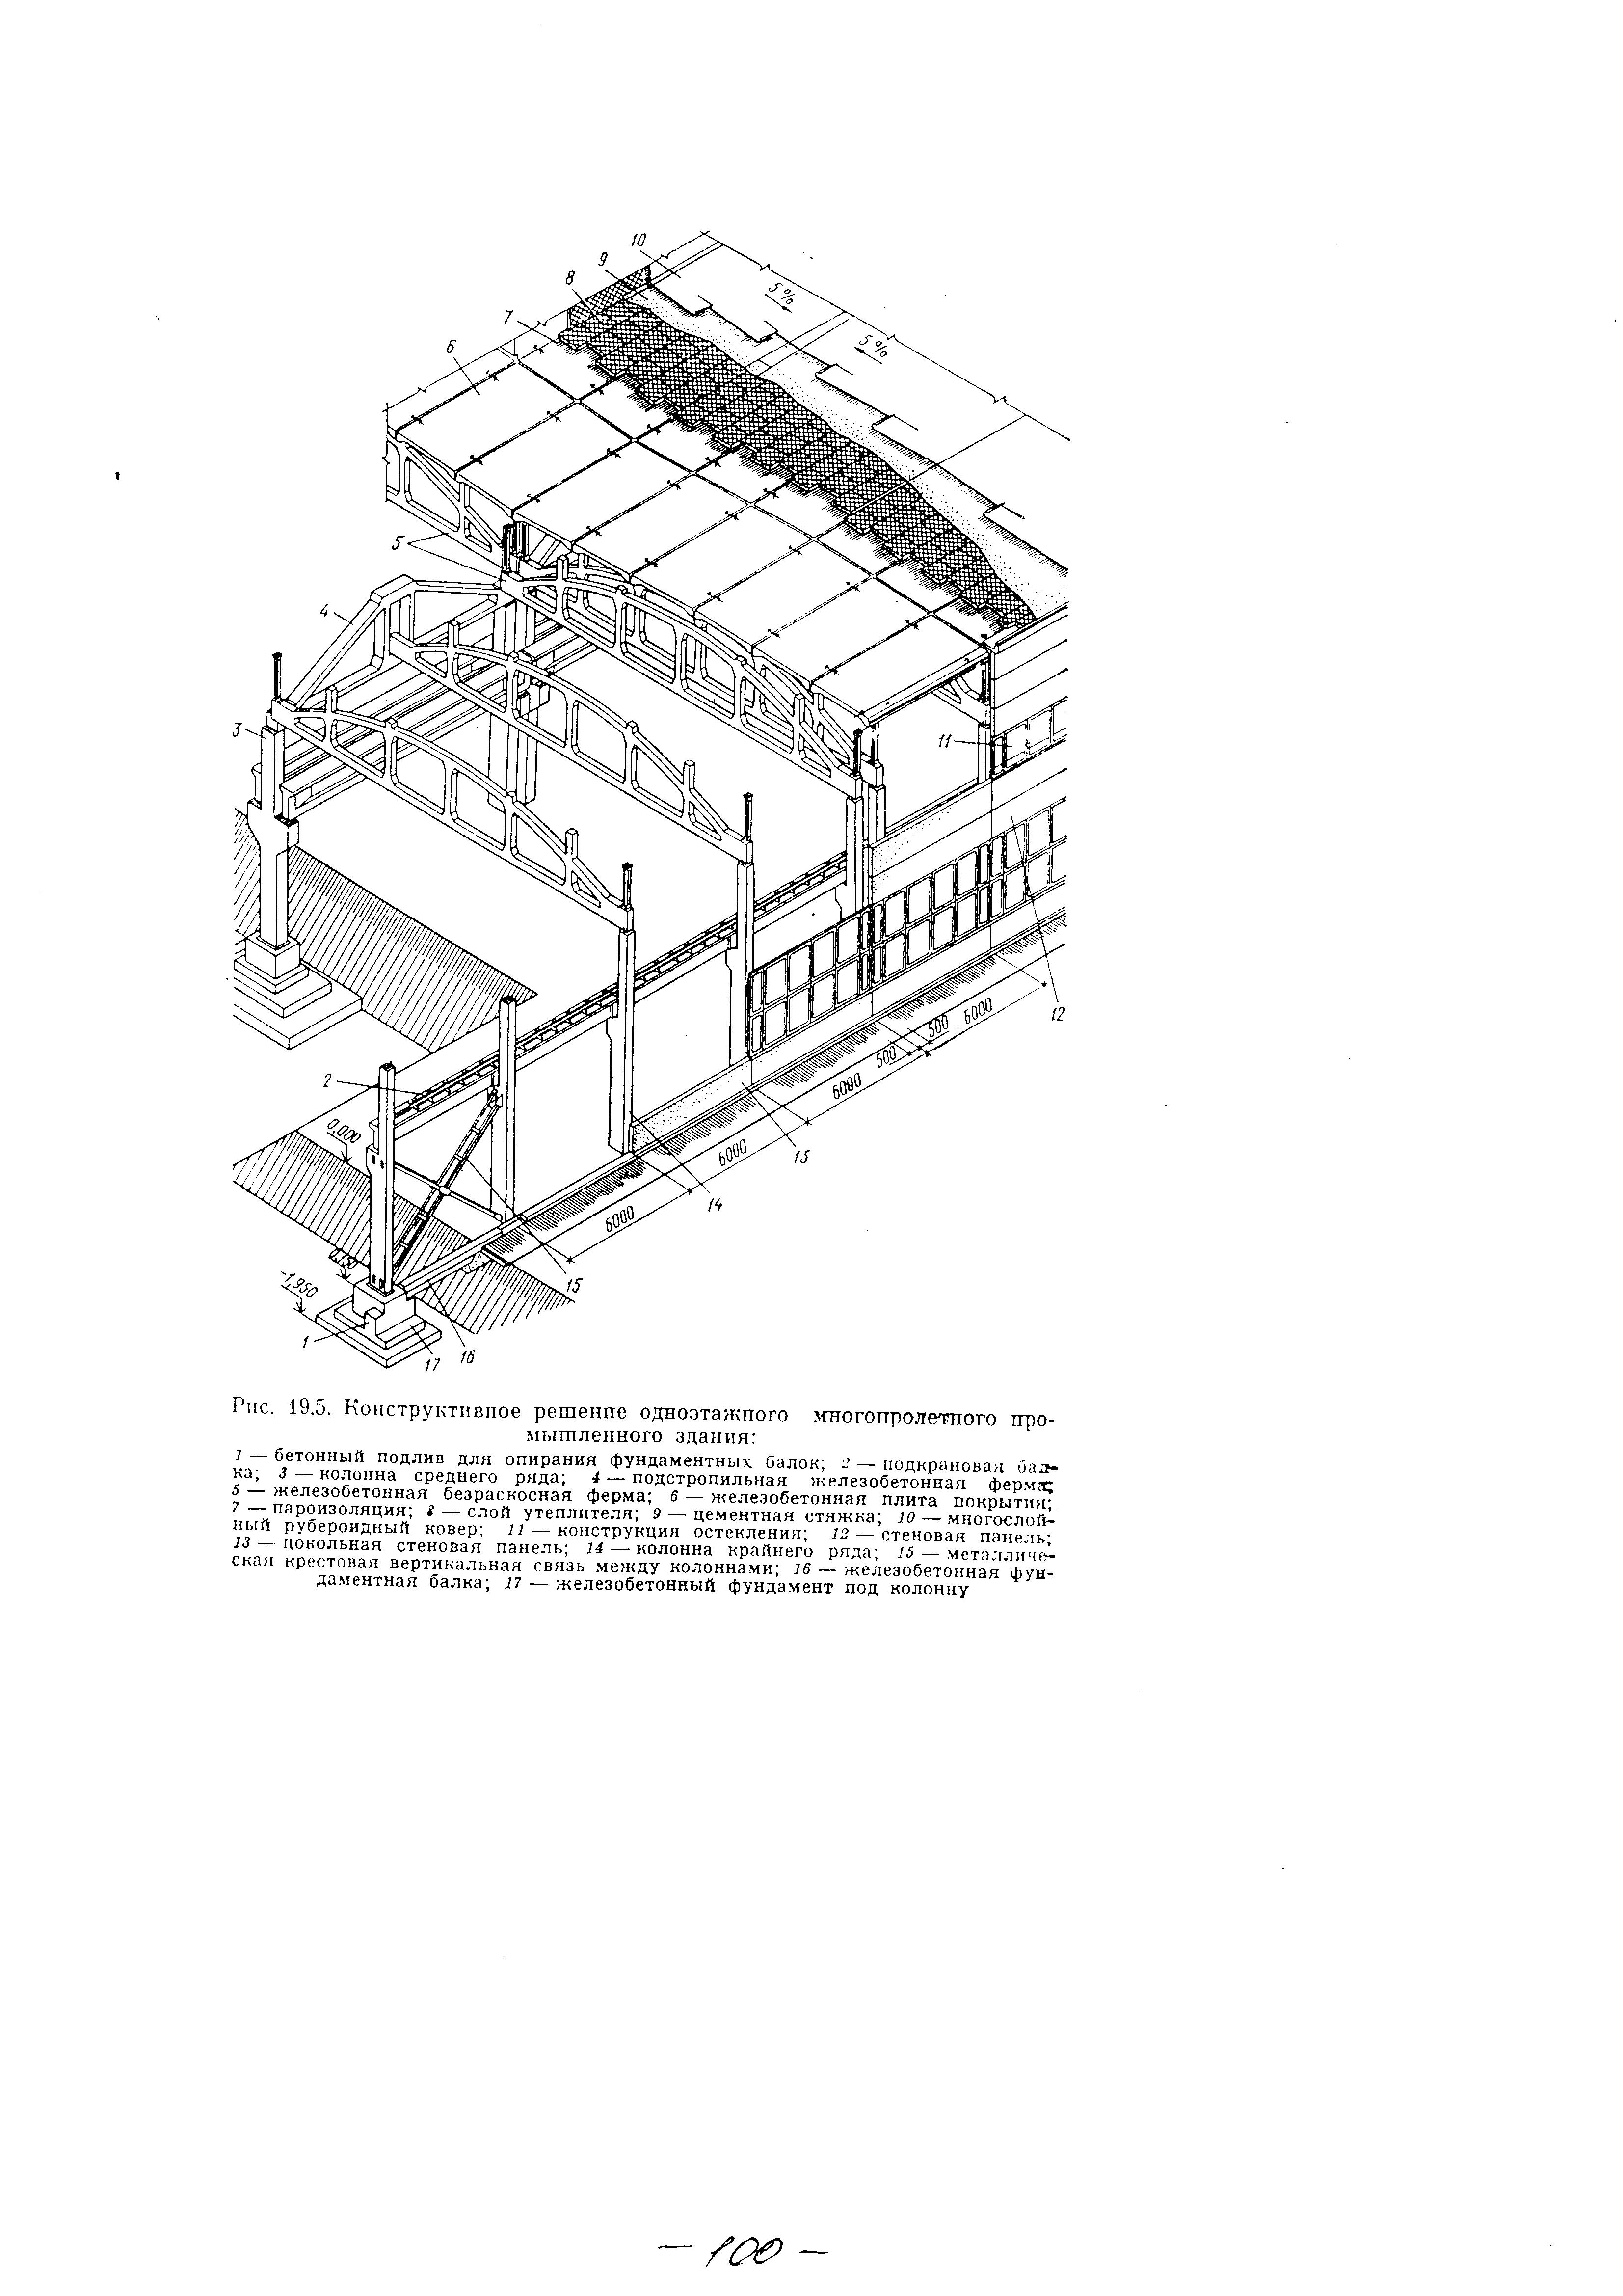 как проектировать здание